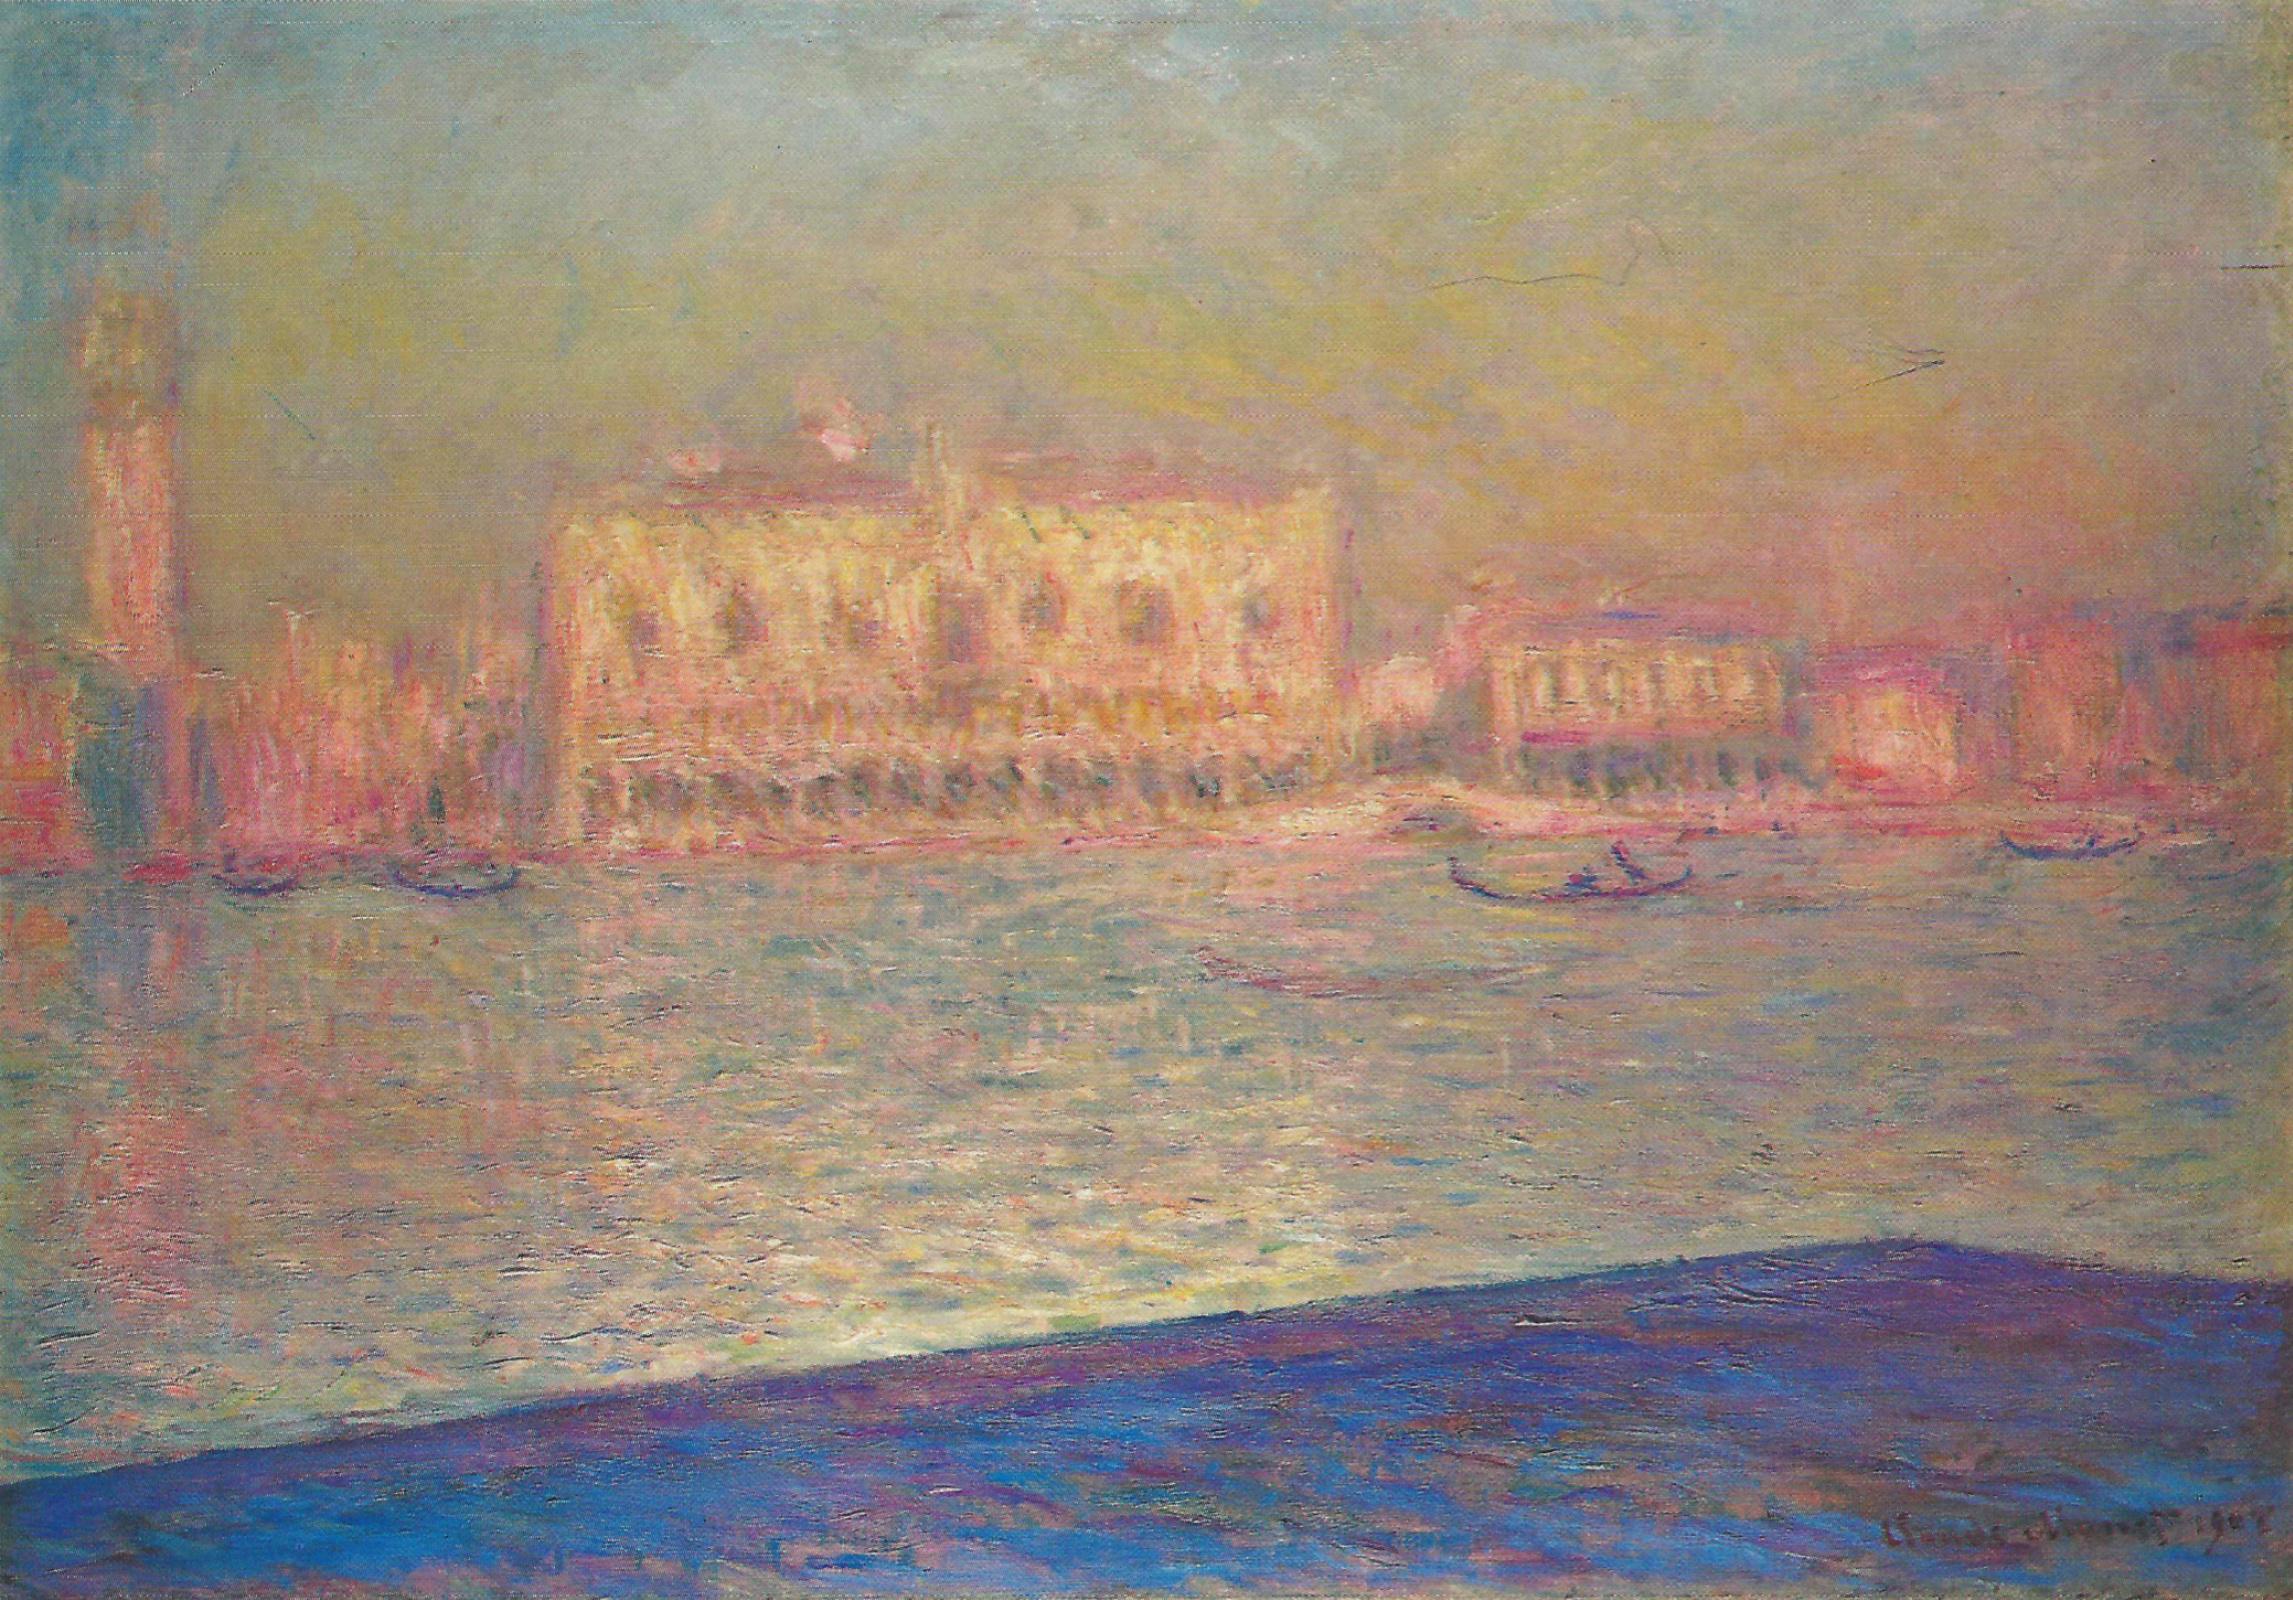 Клод Моне. Дворец Дожей с острова Сан-Джорджио Маджоре. Венеция